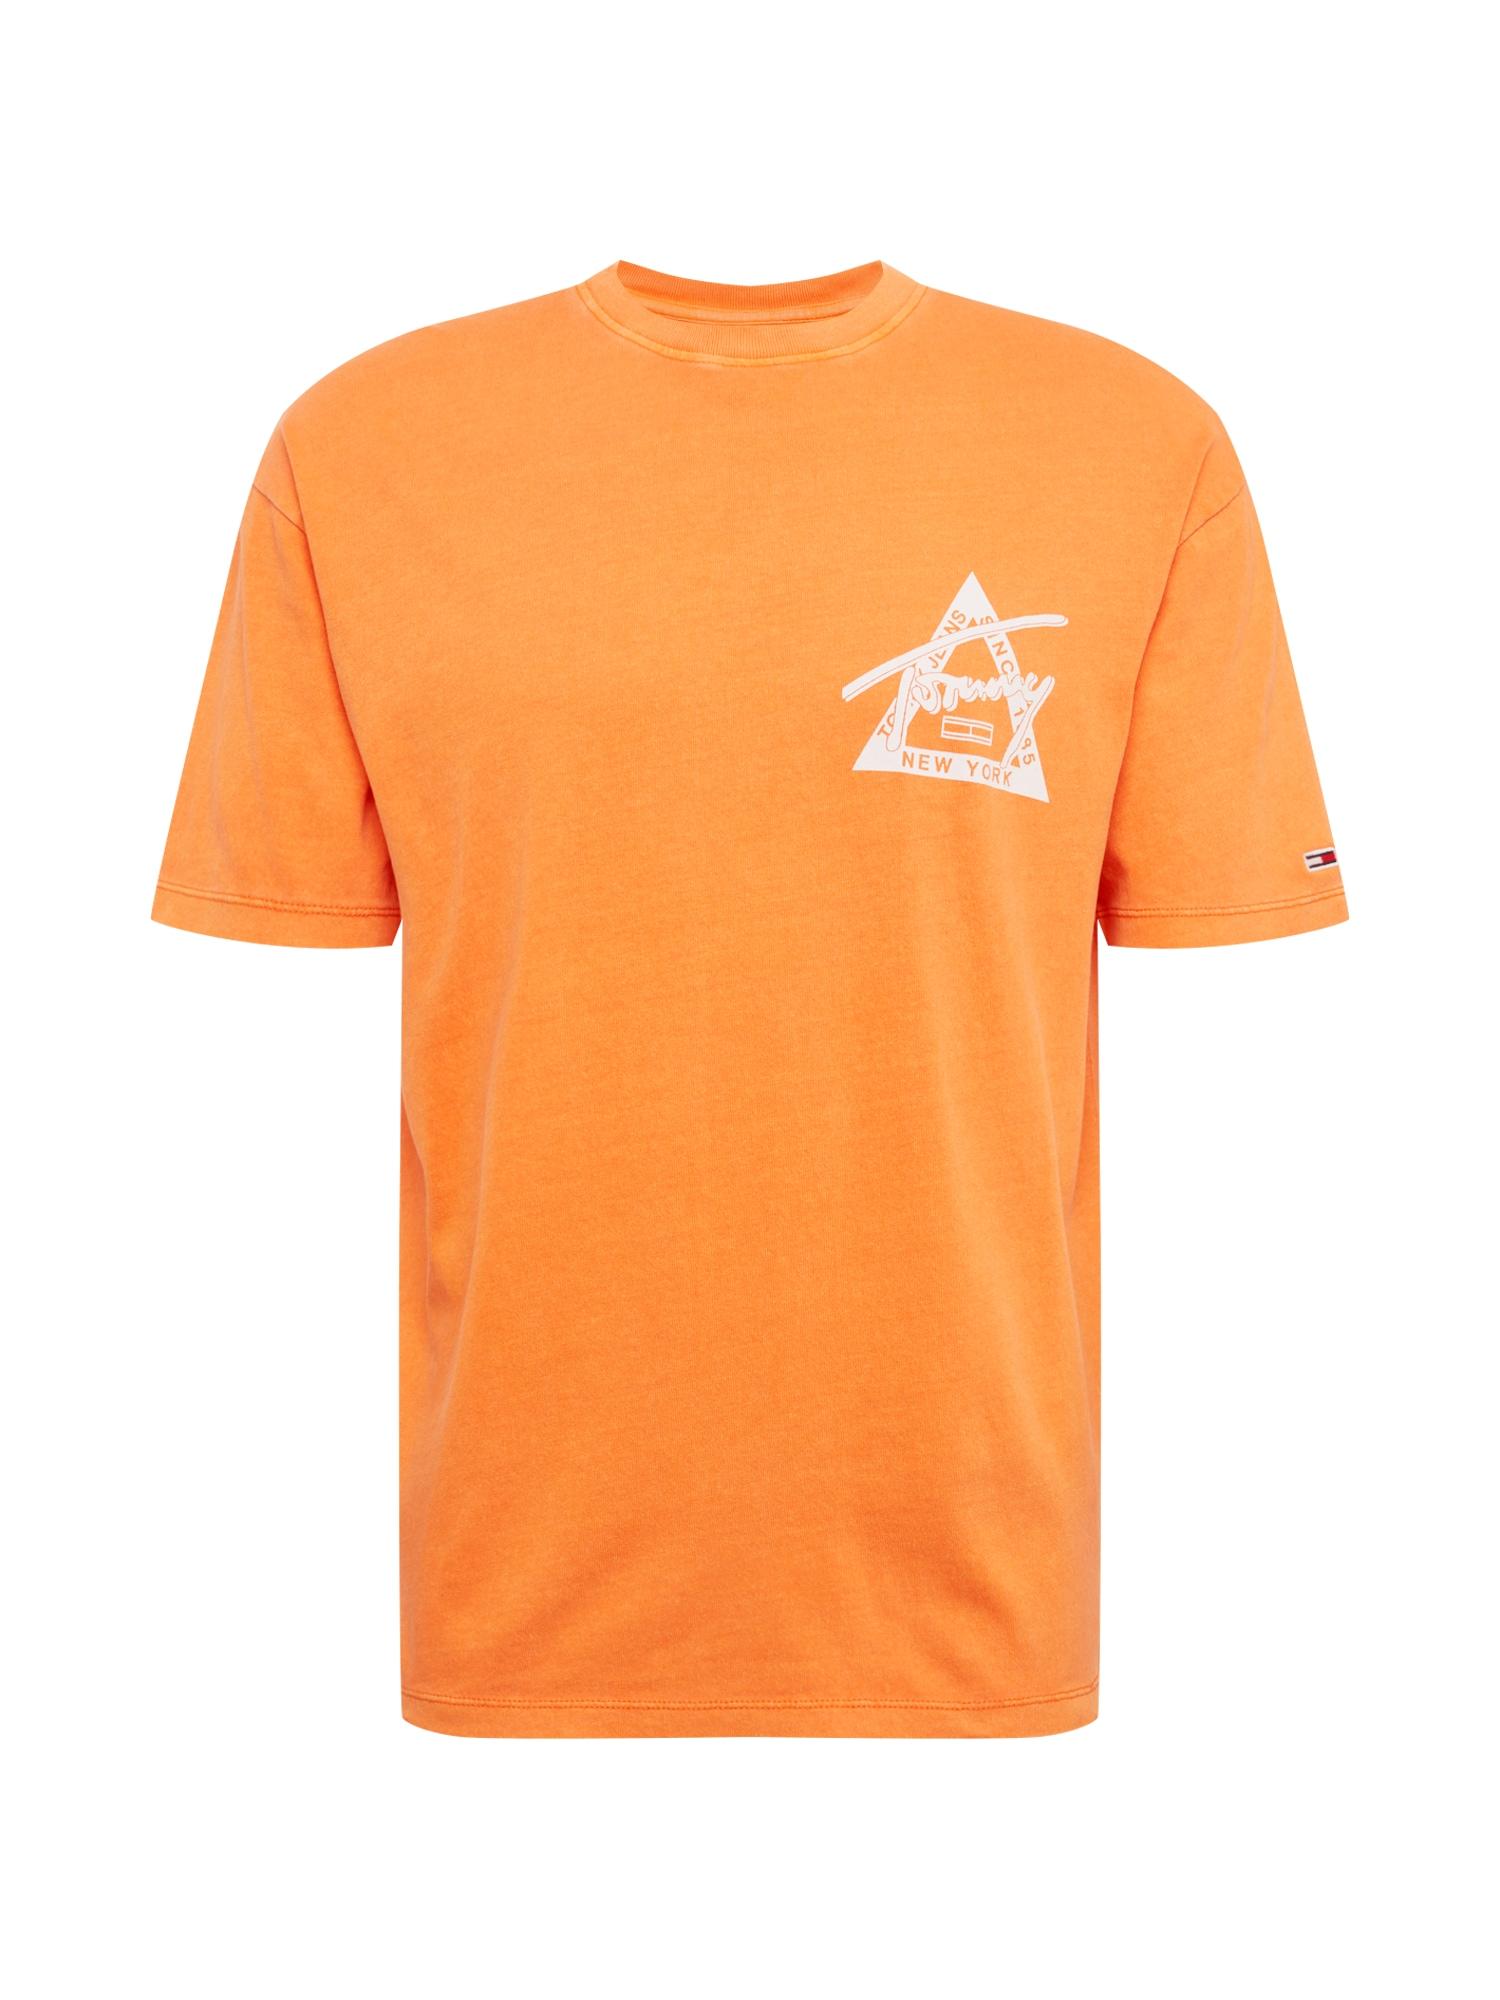 Tričko WASHED GRAPHIC oranžová bílá Tommy Jeans